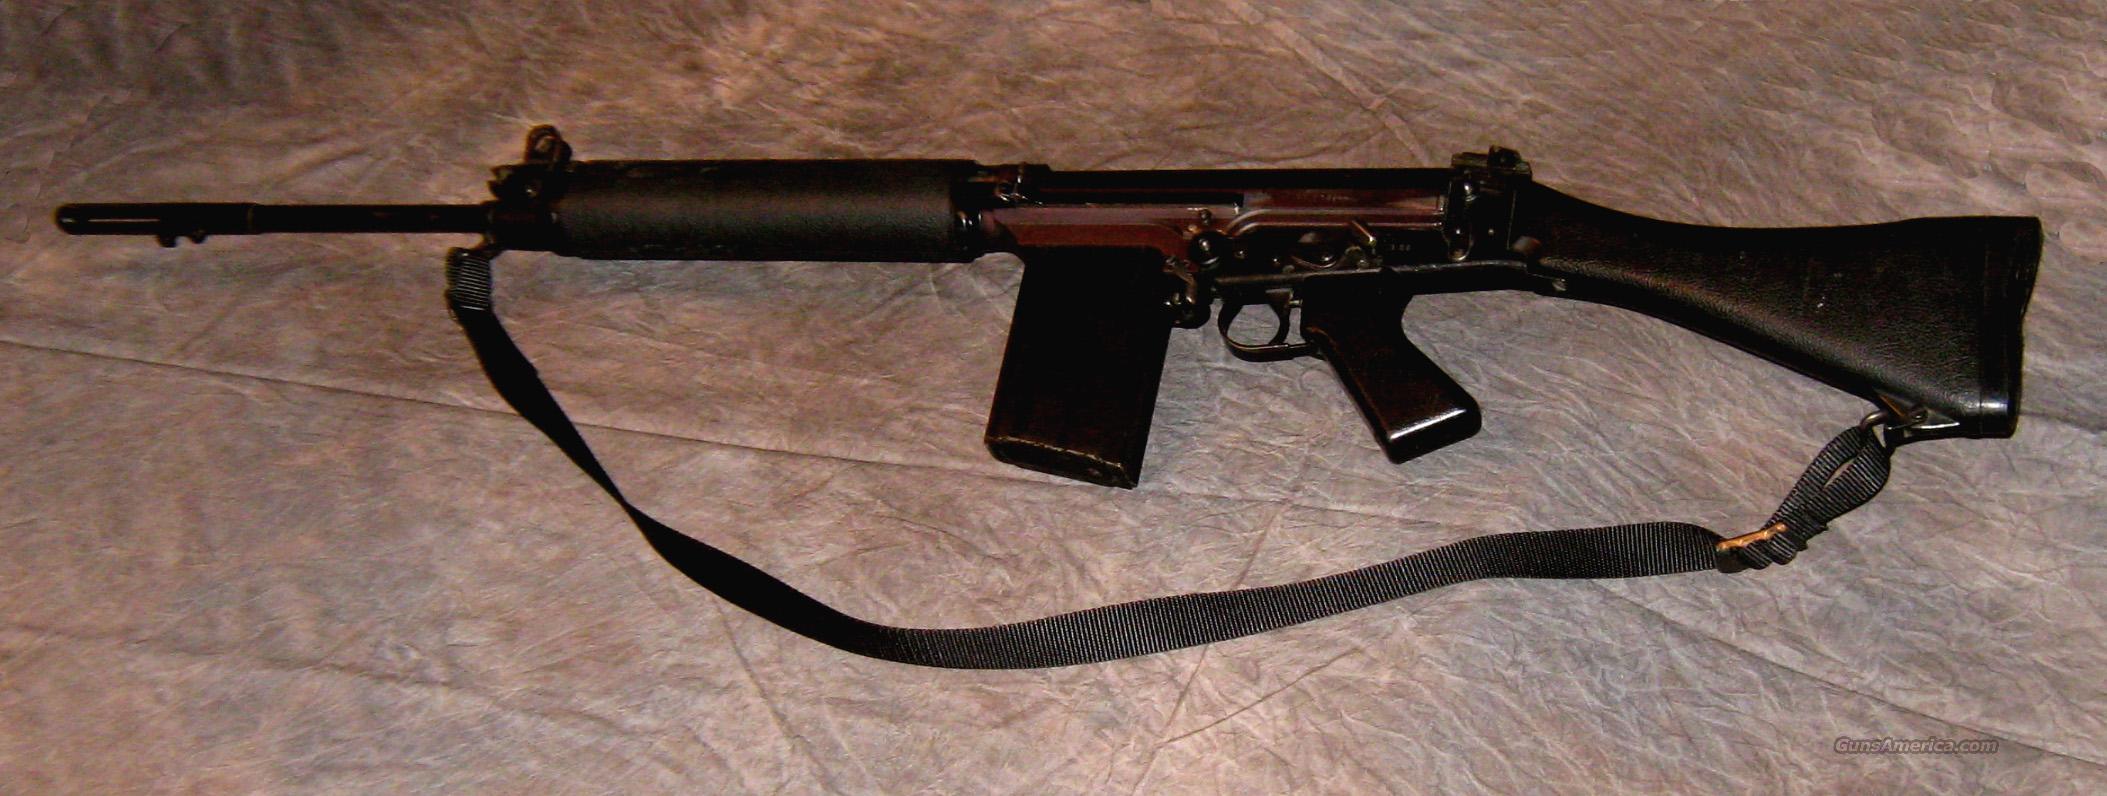 FN FAL L1A1